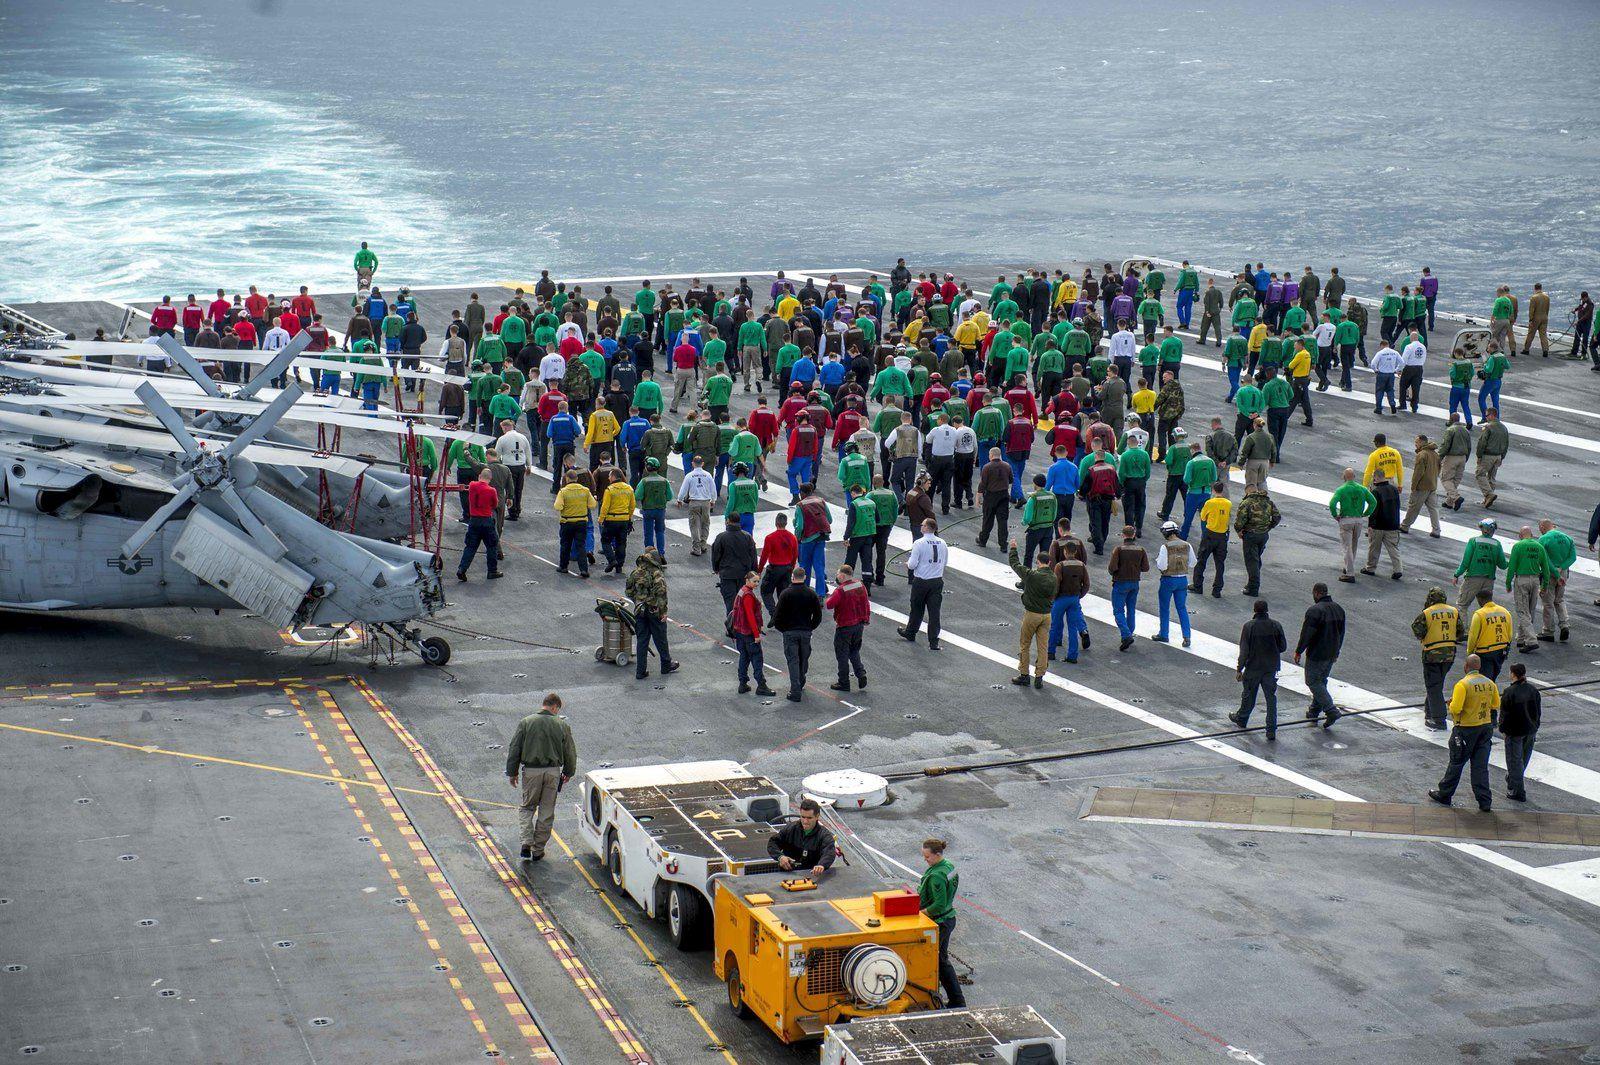 PHOTOS - Chesapeake : La Chasse Embarquée apponte sur l'USS George H.W. Bush